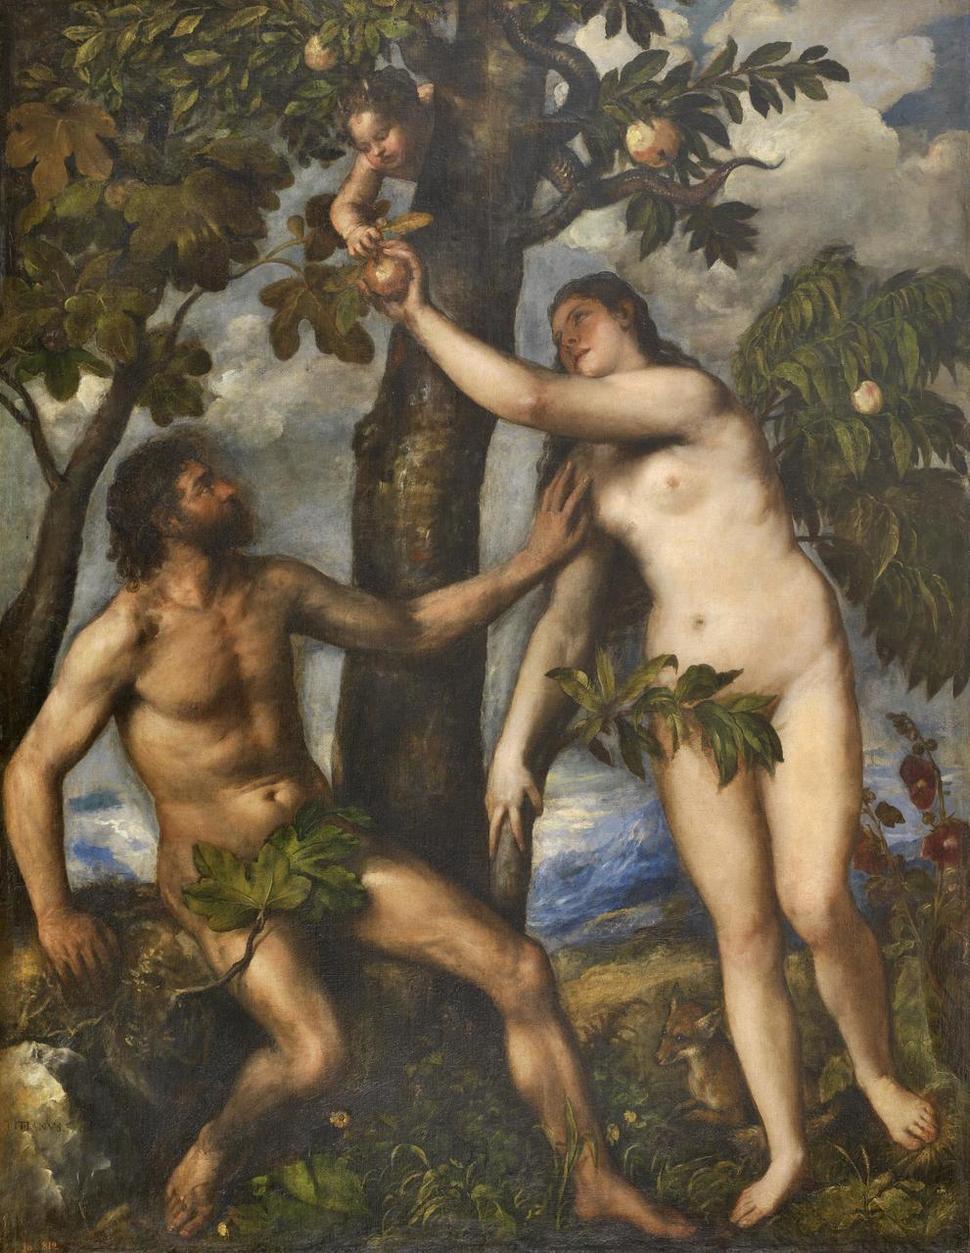 종교와 신화는 인간이 본성적으로 호기심을 억누르지 못하는 존재라는 것을 최초의 인간을 통해서 말하고 있다. 16세기 이탈리아 화가 티치아노의 <아담과 이브>(왼쪽)와 19세기 영국 화가 단테이 로세티의 <판도라의 상자>.